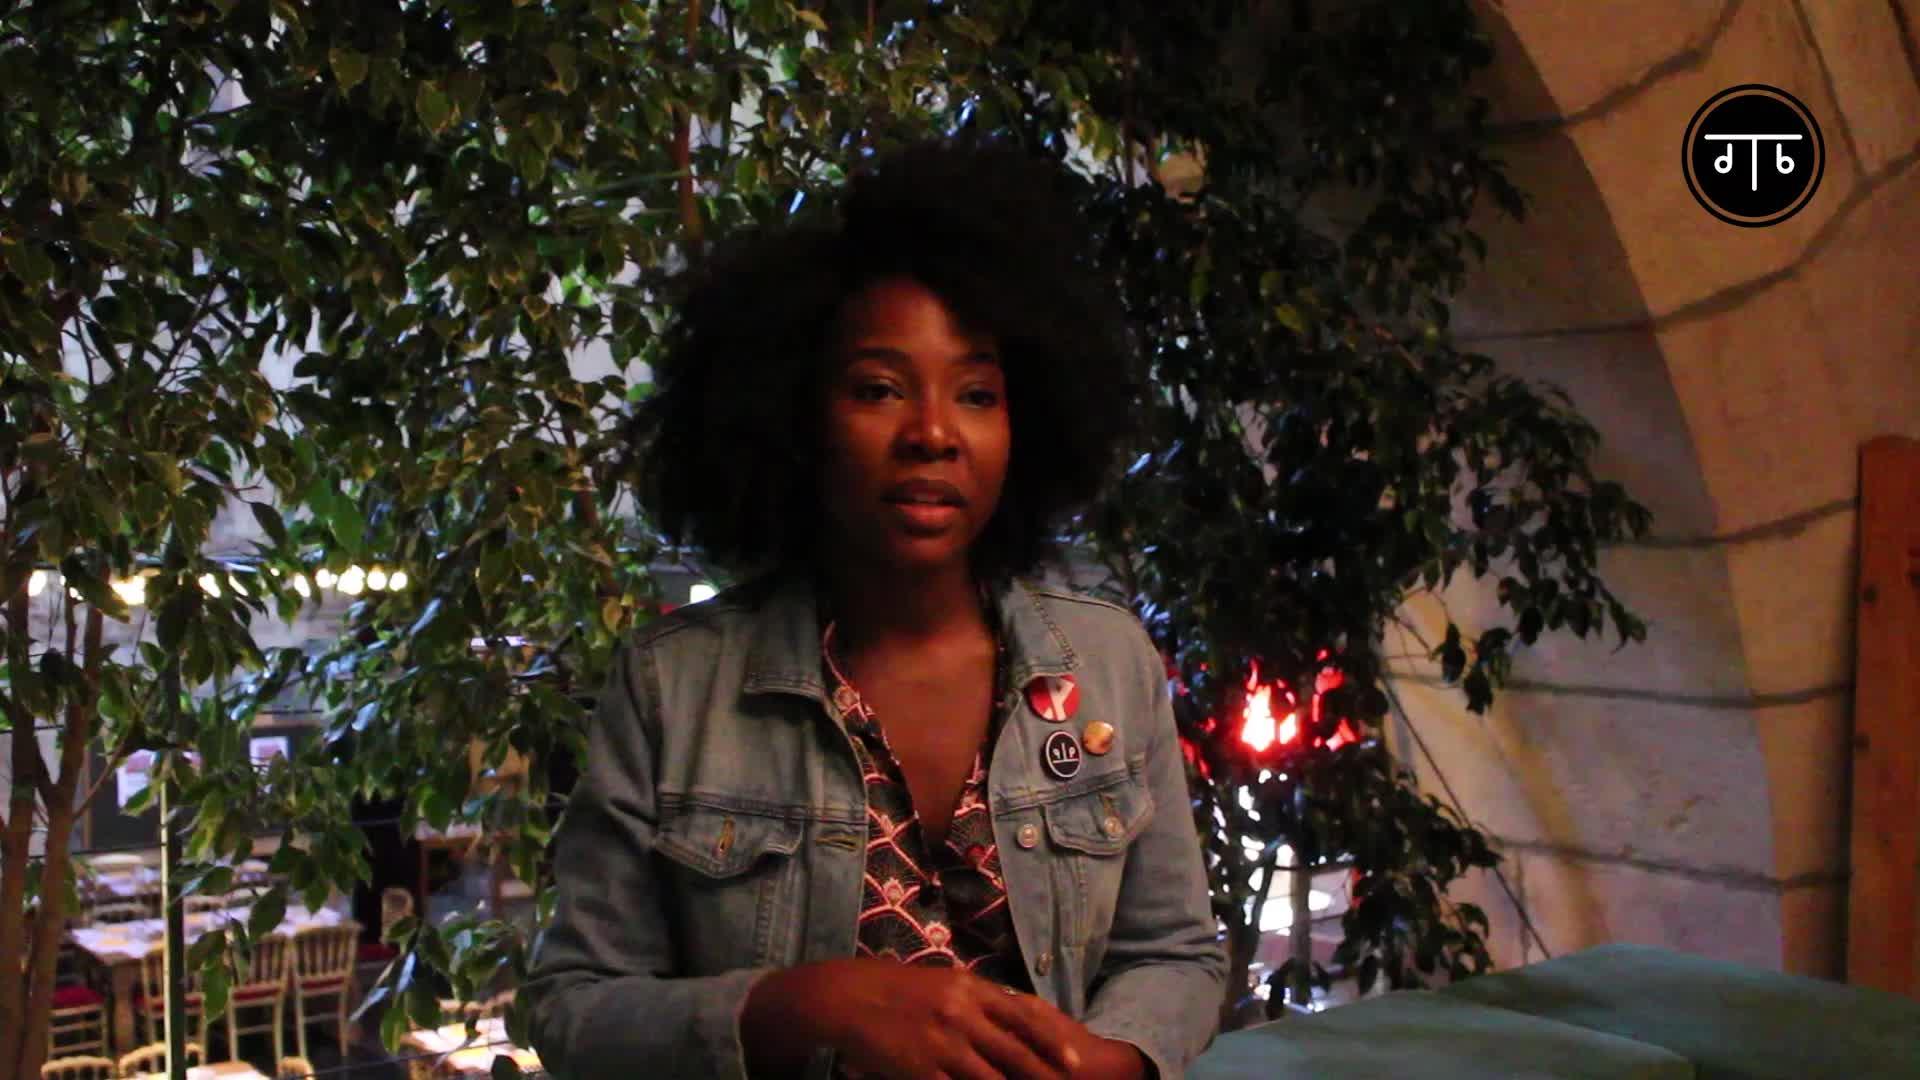 Vidéo Françoise Dô en aparté au Festival Théâtre en Mai 2019